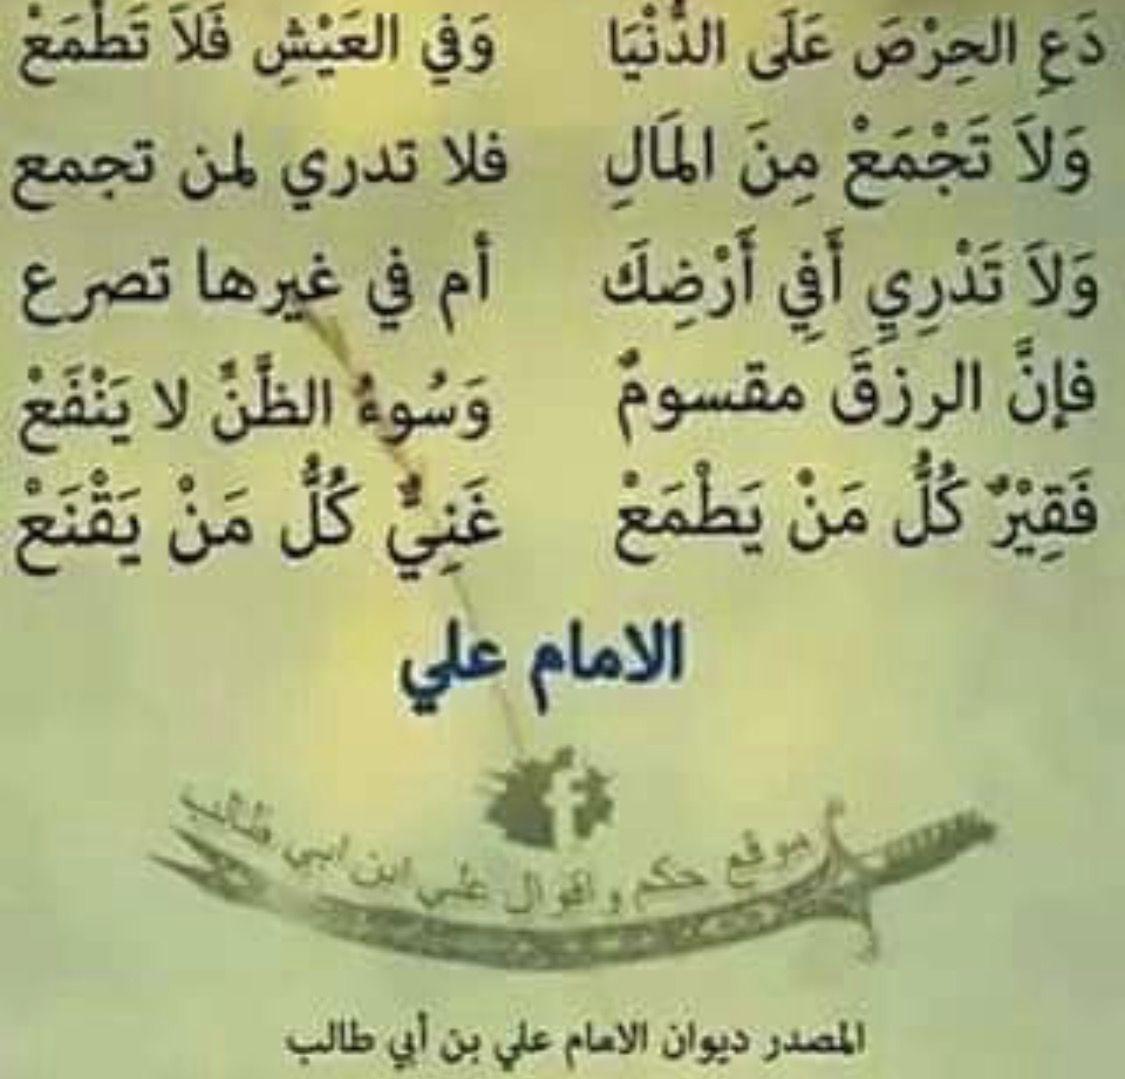 من أشعار الإمام علي بن أبي طالب عليه السلام Ali Quotes Imam Ali Quotes Islamic Quotes